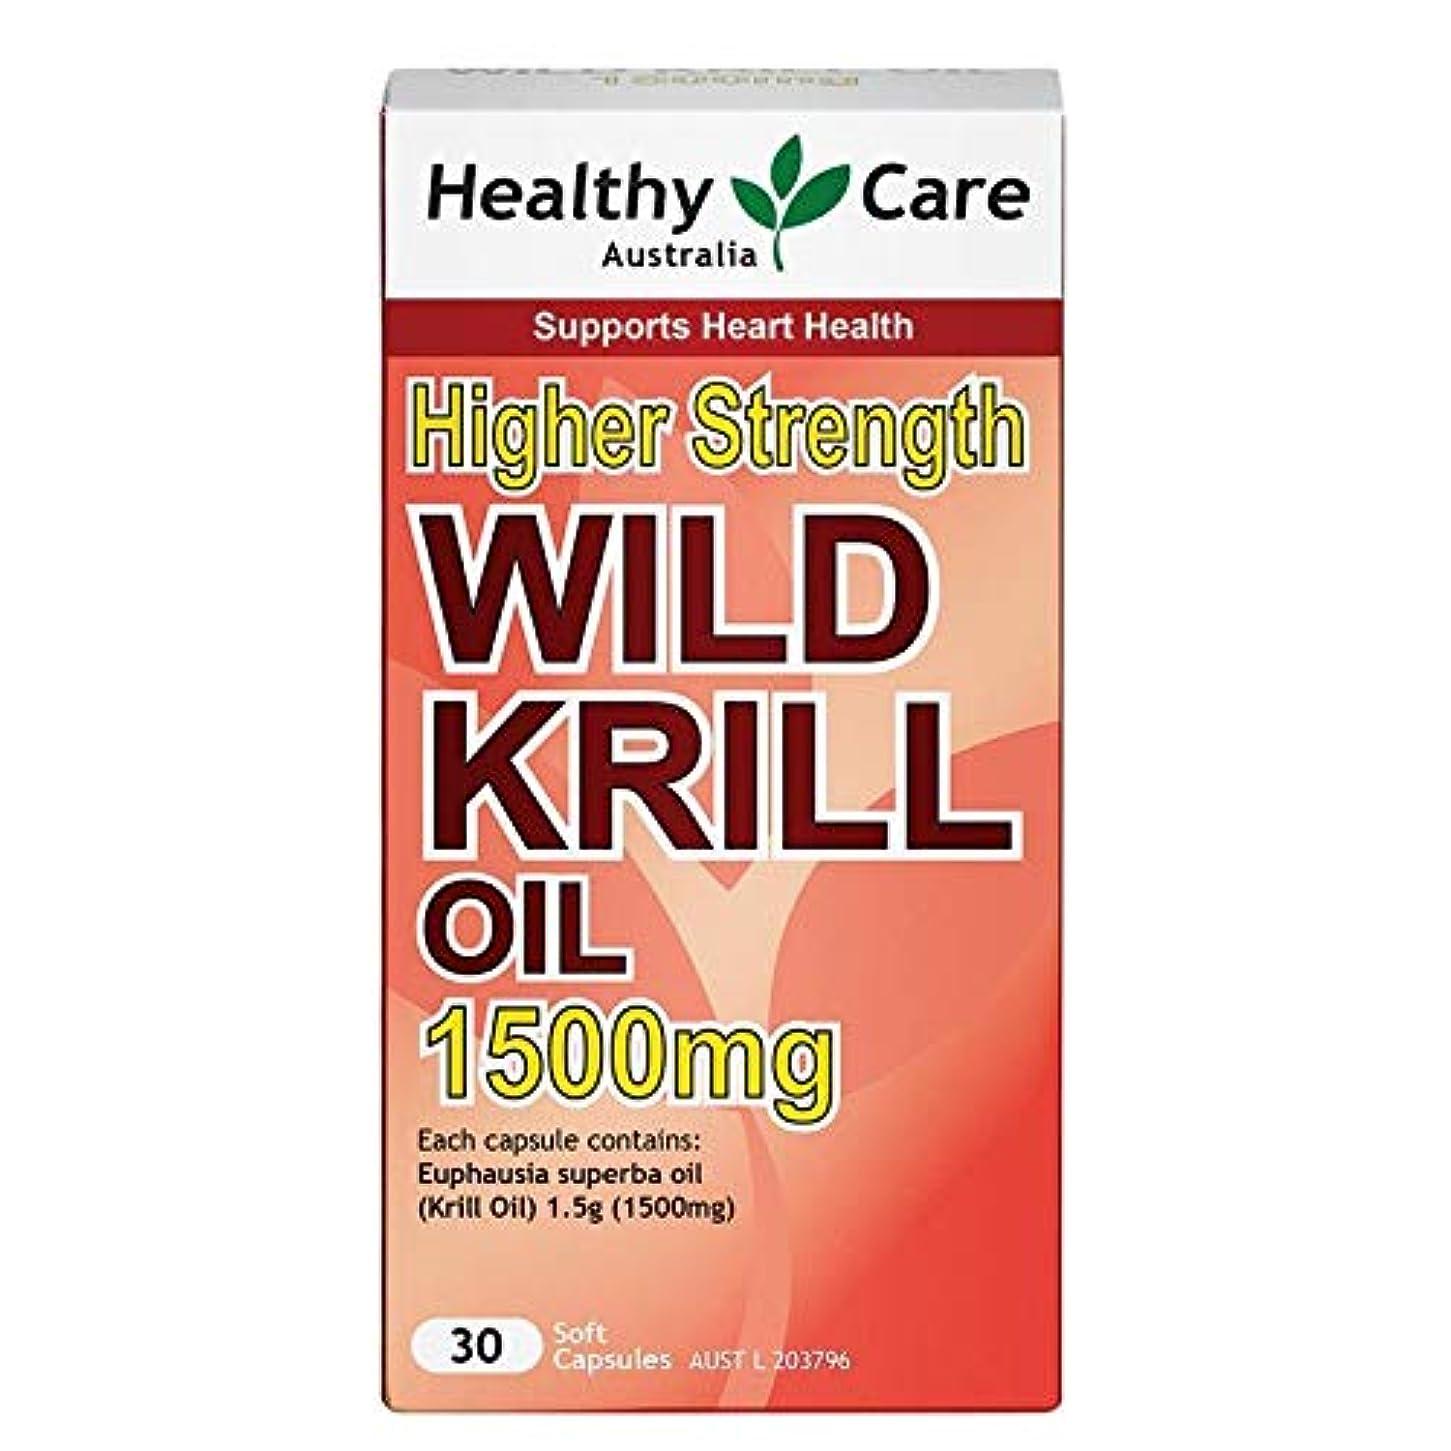 技術者小屋手首[Health Care]ワイルドオキアミオイル (30cap) Wild Krill Oil 1500mg [海外直送品]